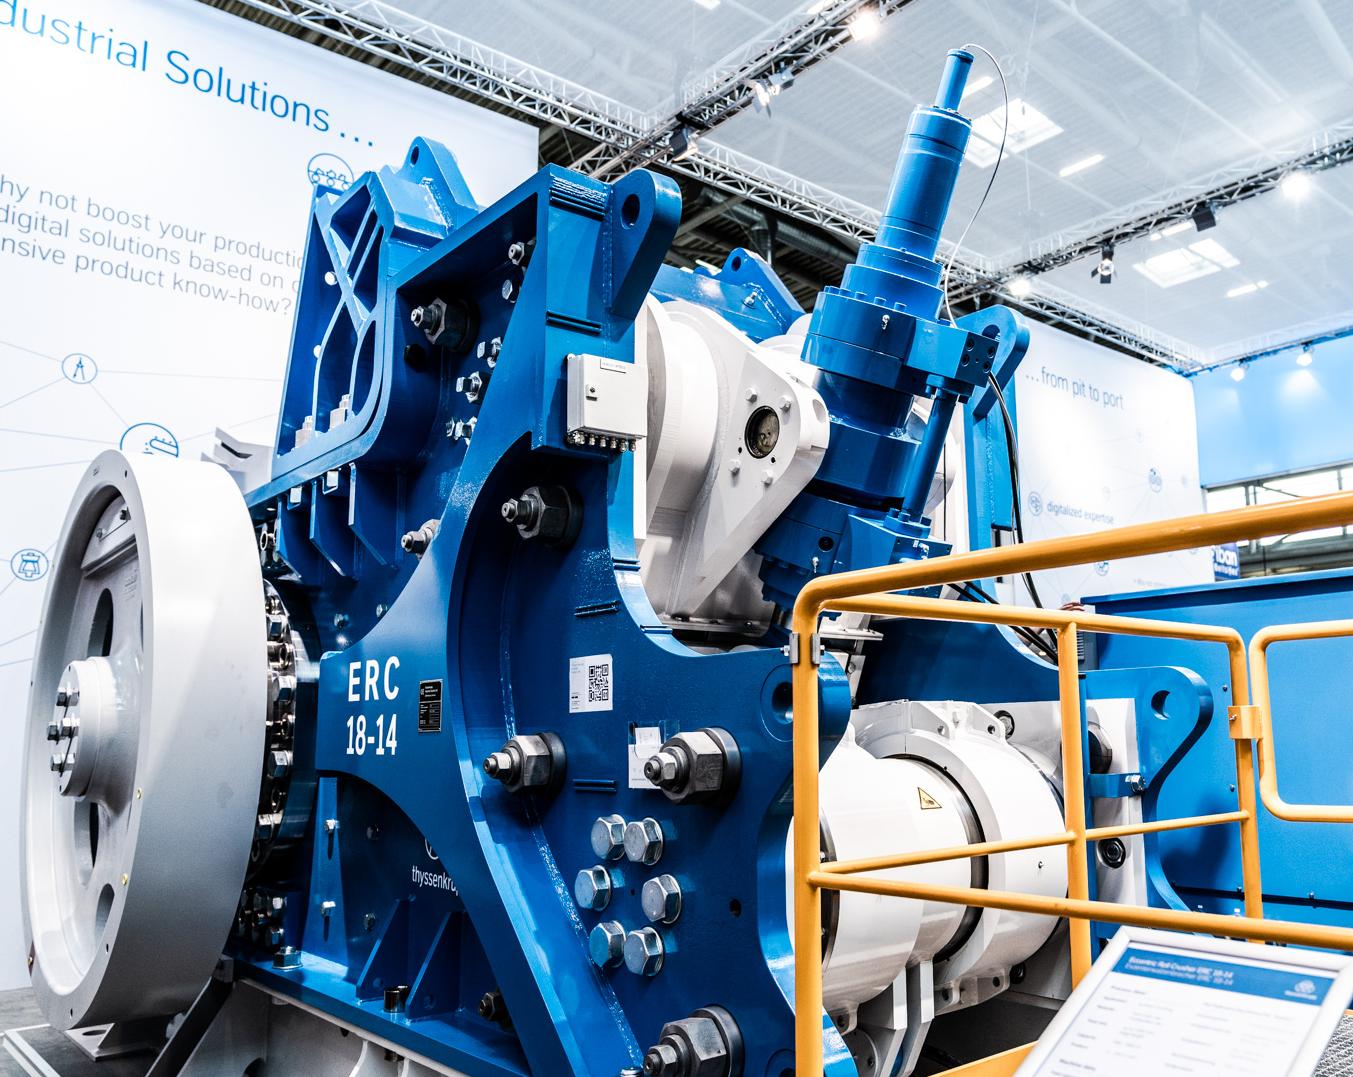 Wir haben eine neue Generation von Ausrüstungen für den Bergbau entwickelt, um den Verarbeitungsbetrieb zu verbessern. Erfahren Sie mehr über unseren Exzenterwalzenbrecher.